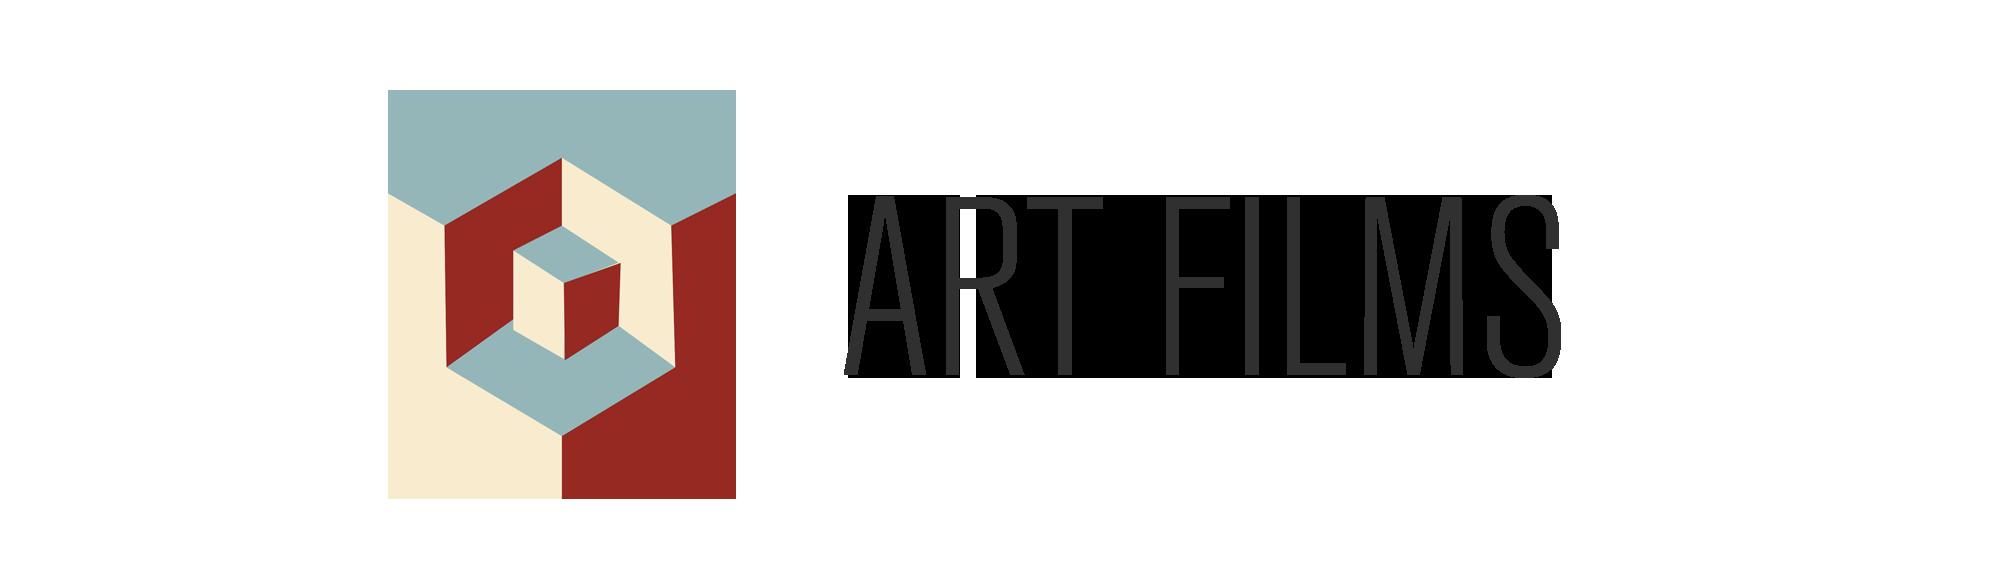 artfilms.png